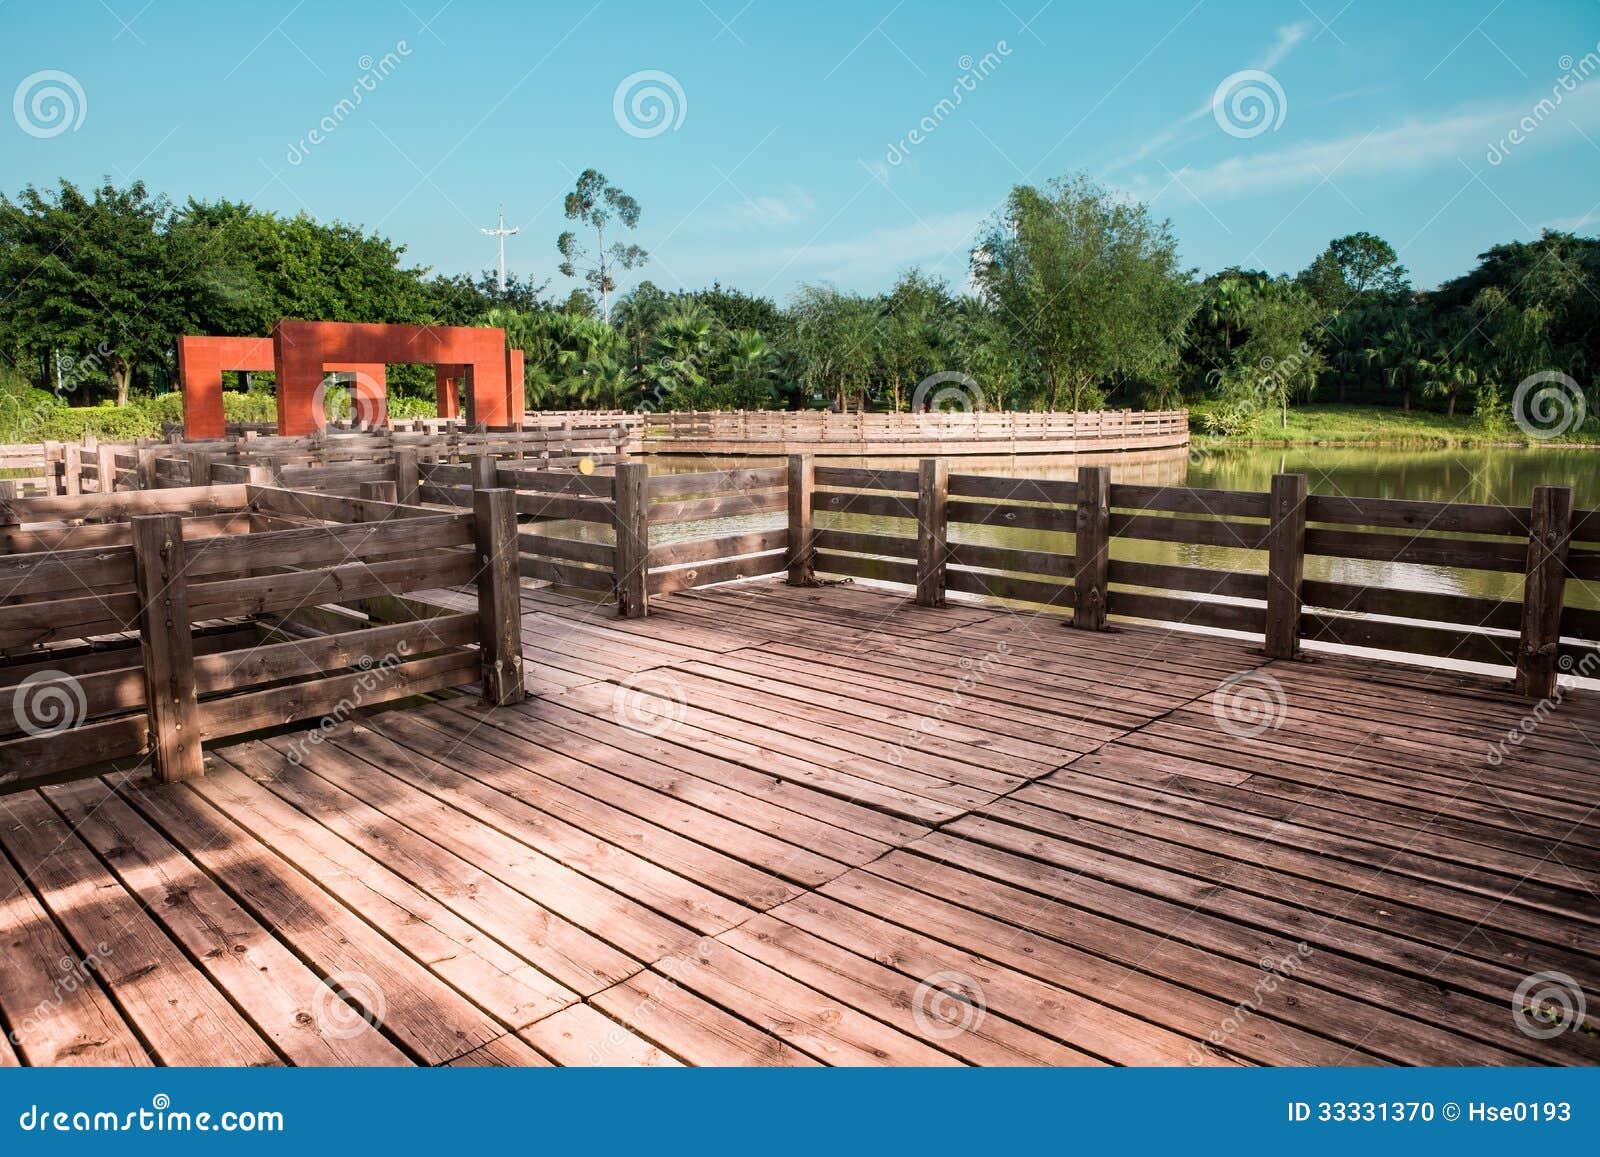 Terraza De Madera En El Jard N Foto De Archivo Imagen